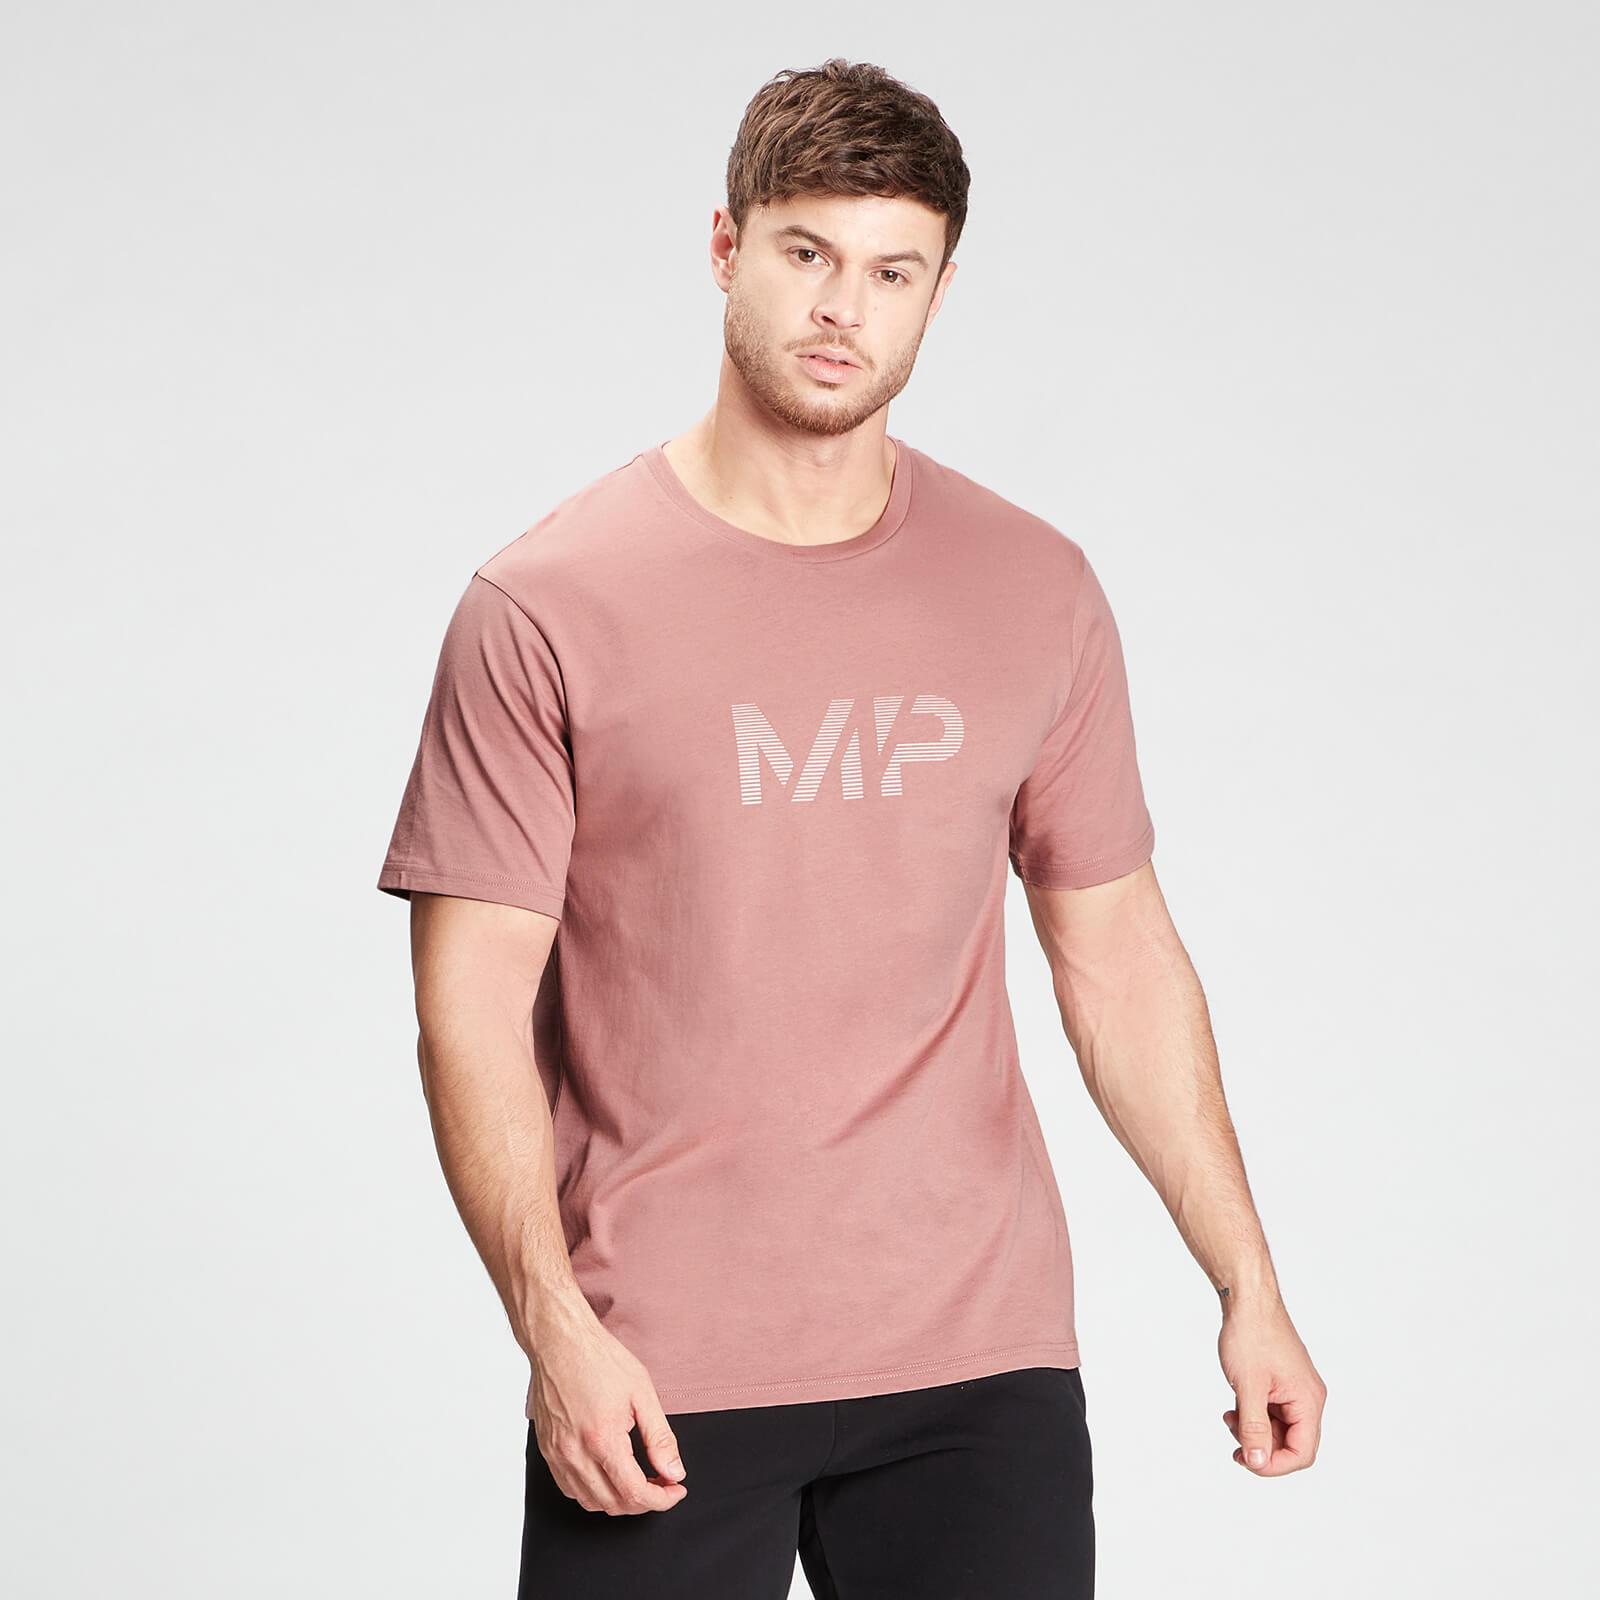 Купить MP Men's Gradient Line Graphic Short Sleeve T-Shirt - Washed Pink - XXL, Myprotein International